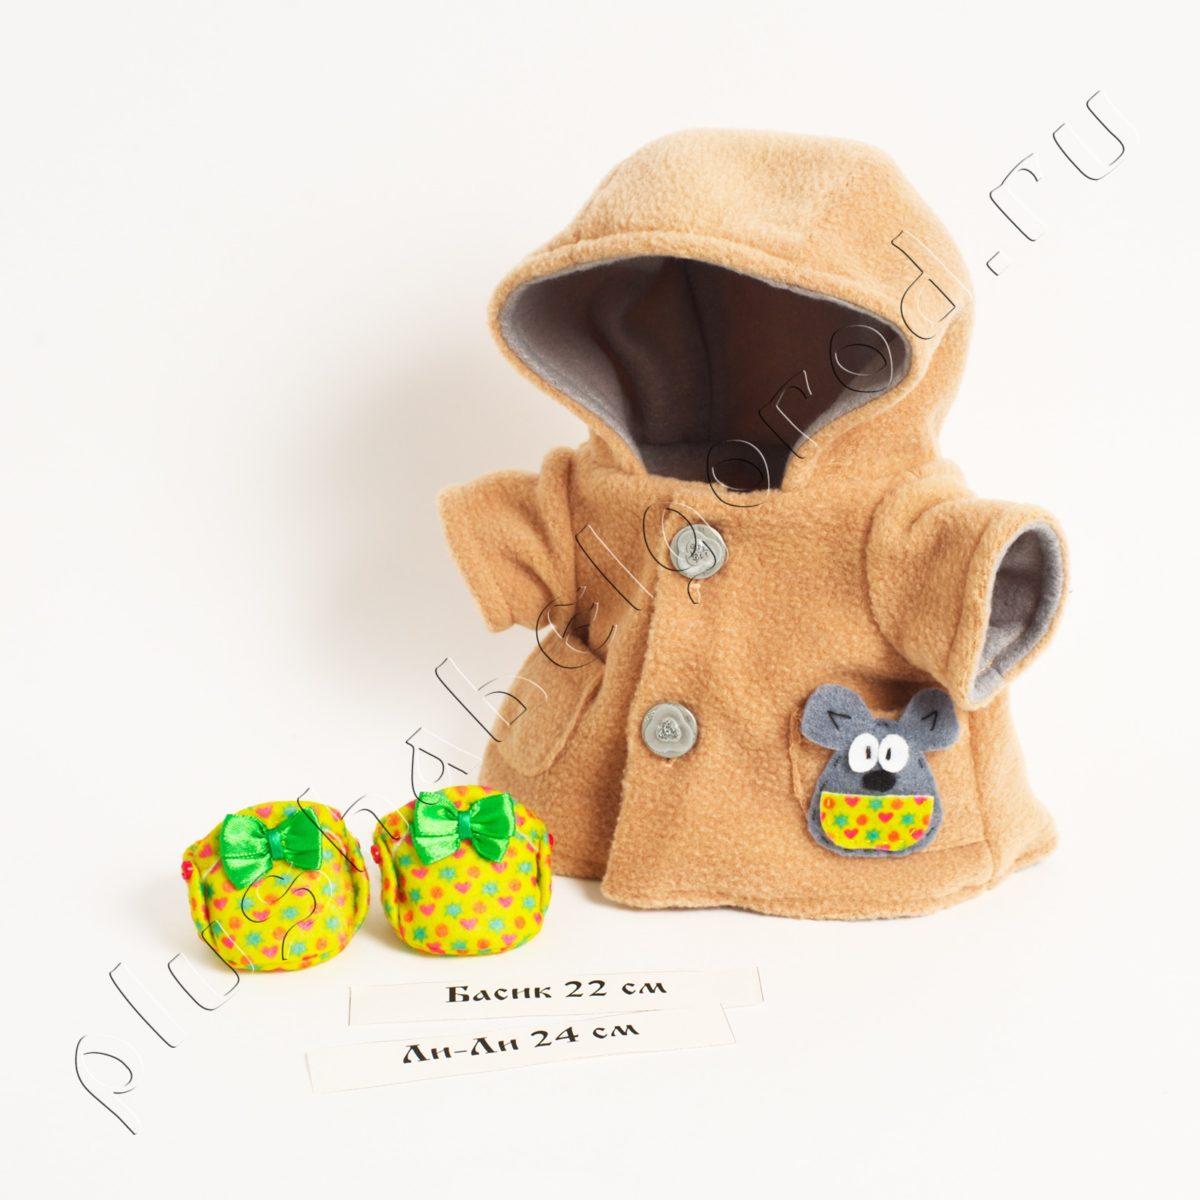 Цена по акции! Выгода 50₽! Пальто с мышкой и очаровательные тапочки(22,24)